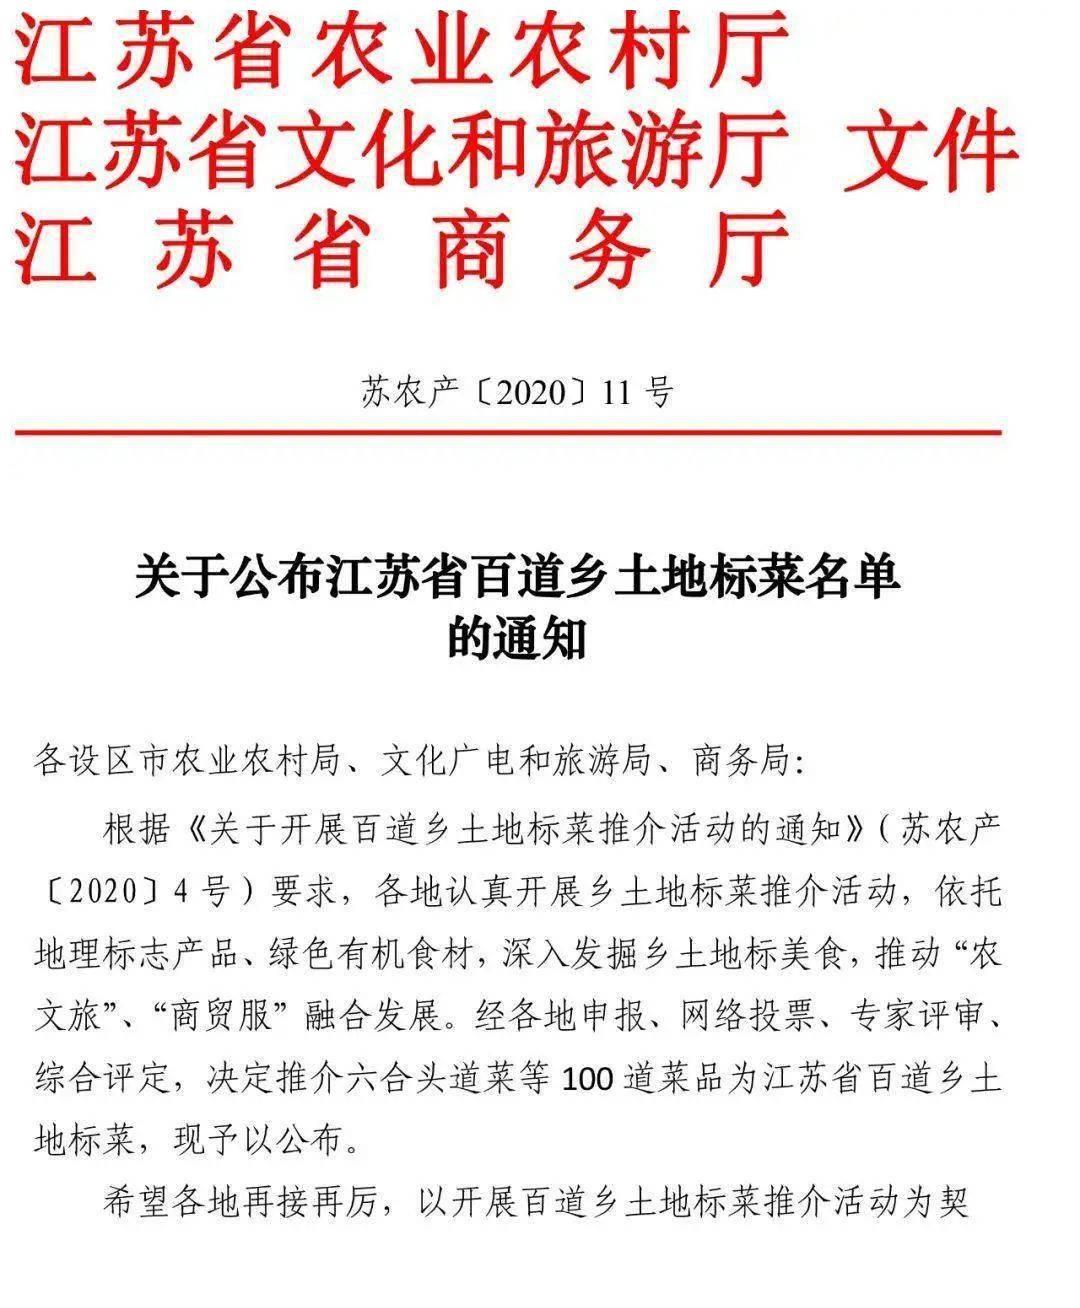 《江苏省100家地方地标美食排行榜》出炉!如皋是榜上有名的美食!